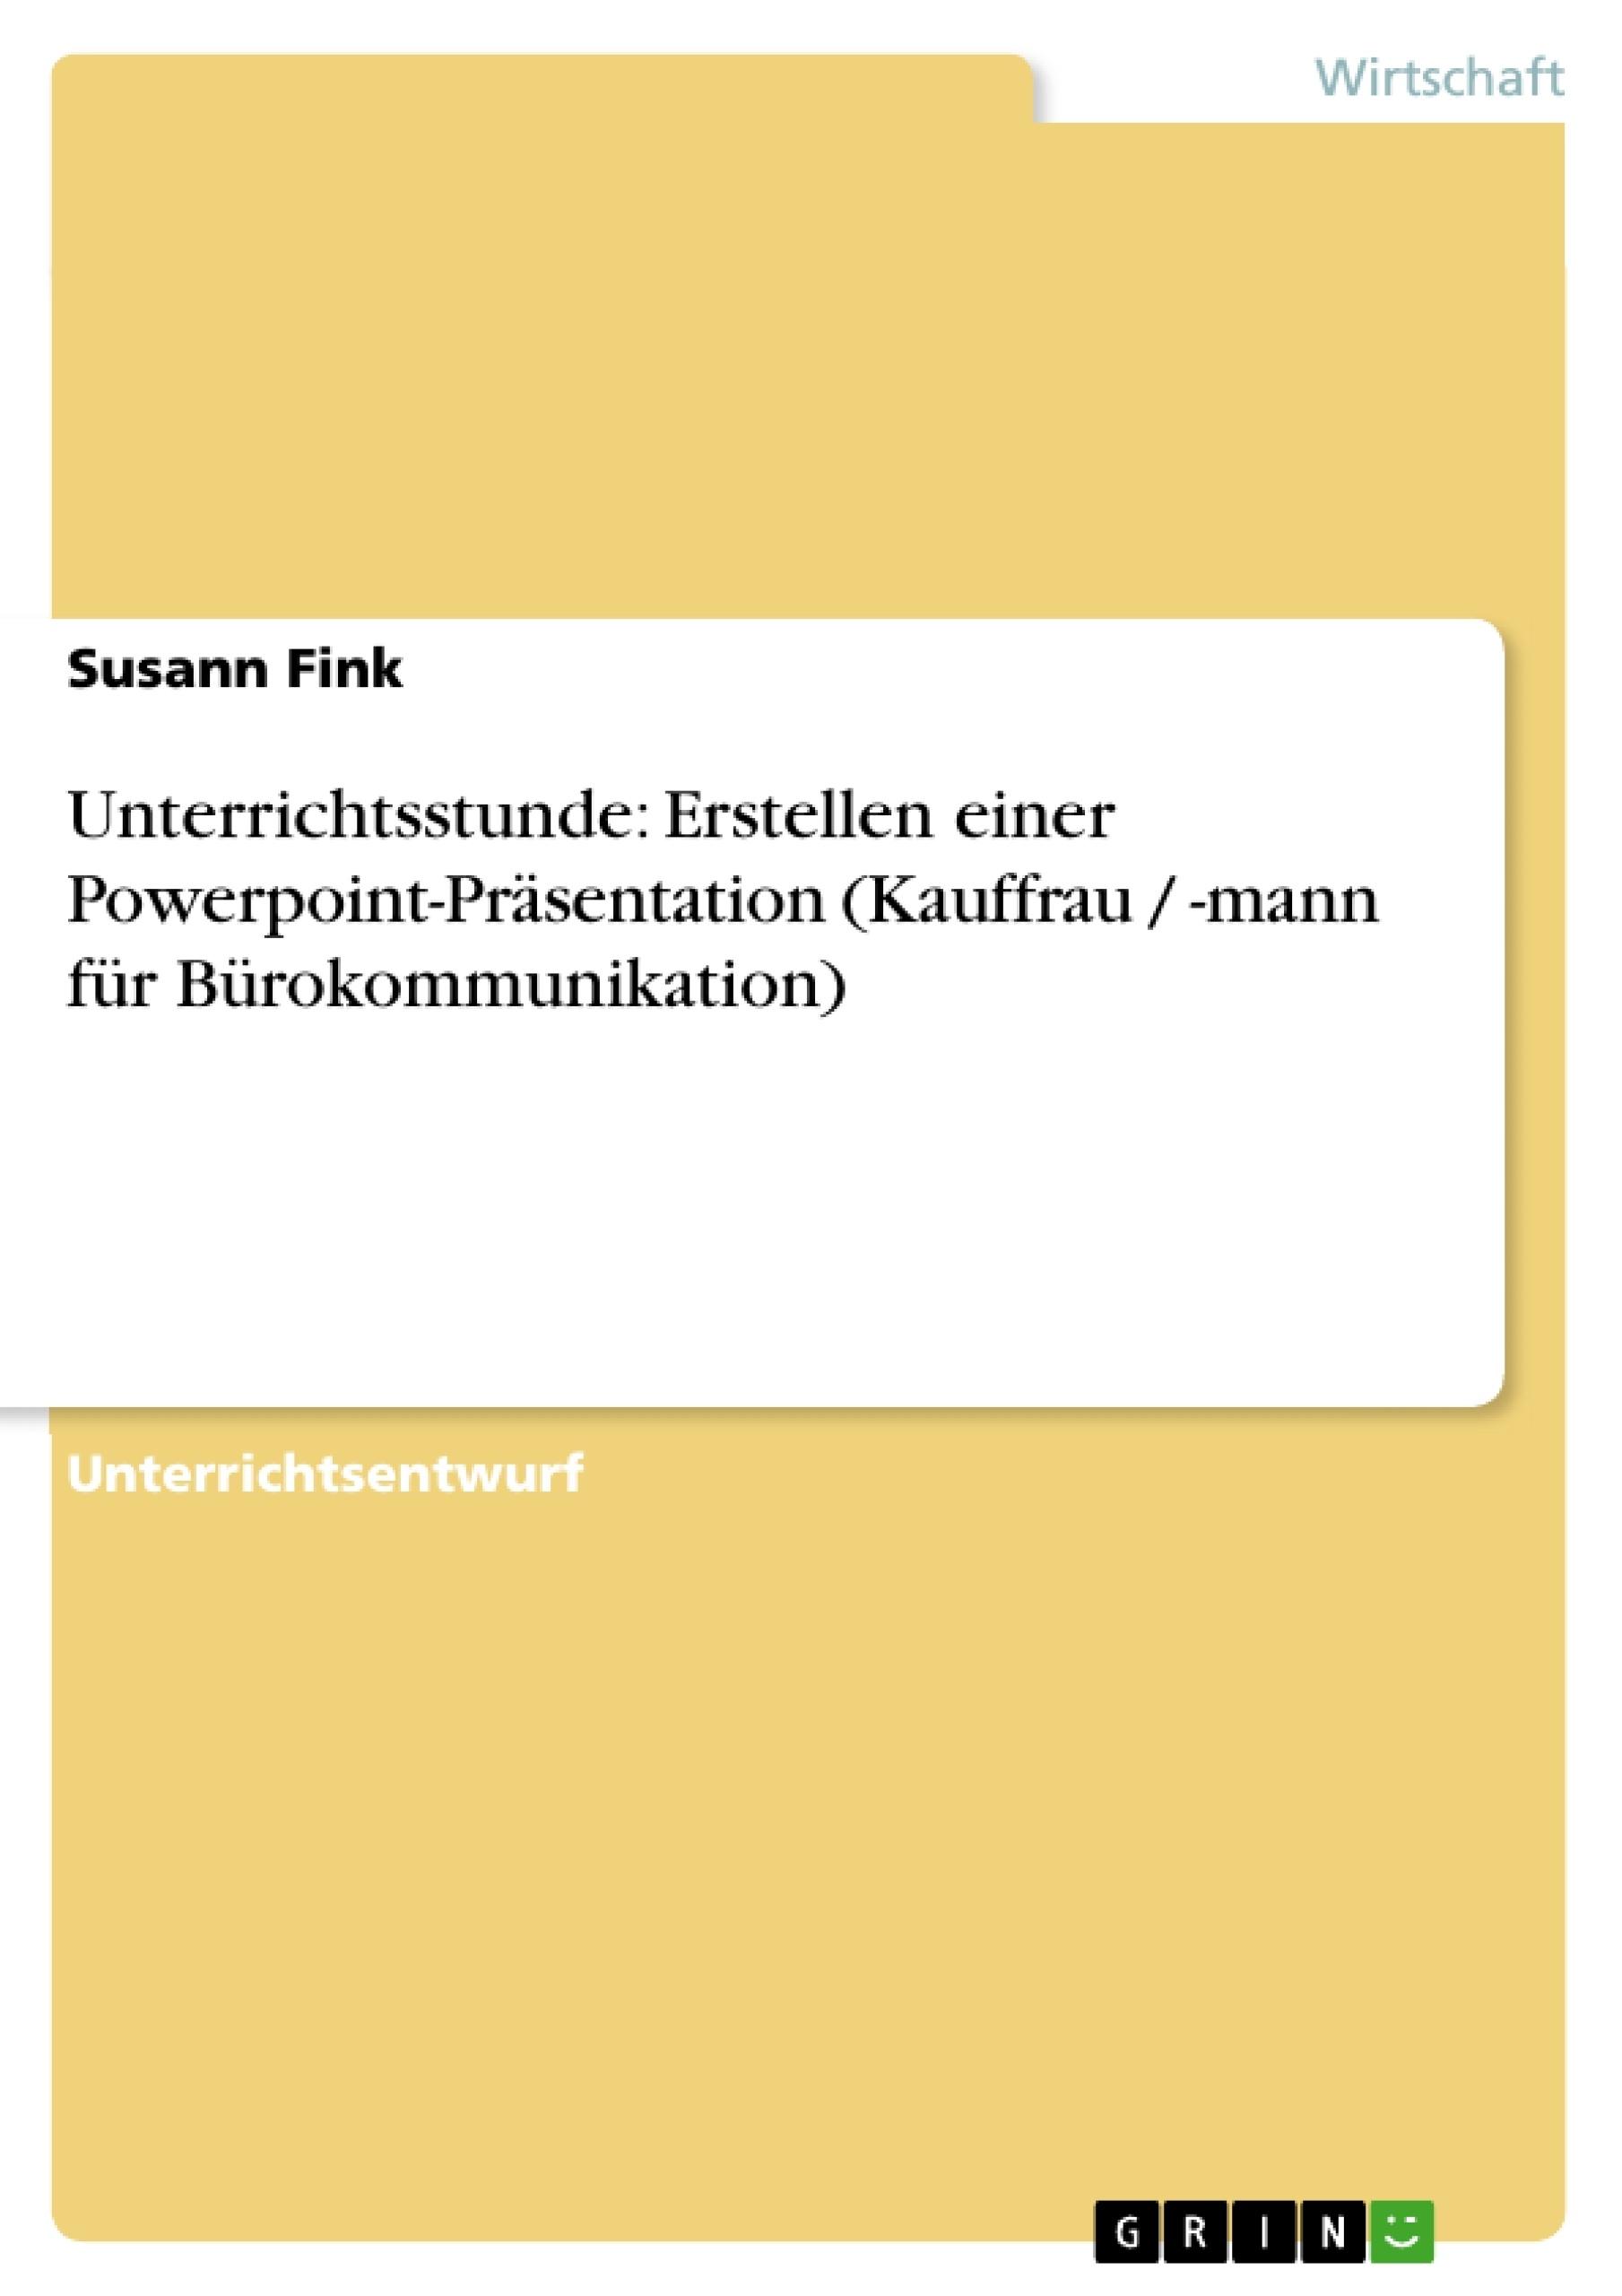 Titel: Unterrichtsstunde: Erstellen einer Powerpoint-Präsentation (Kauffrau / -mann für Bürokommunikation)